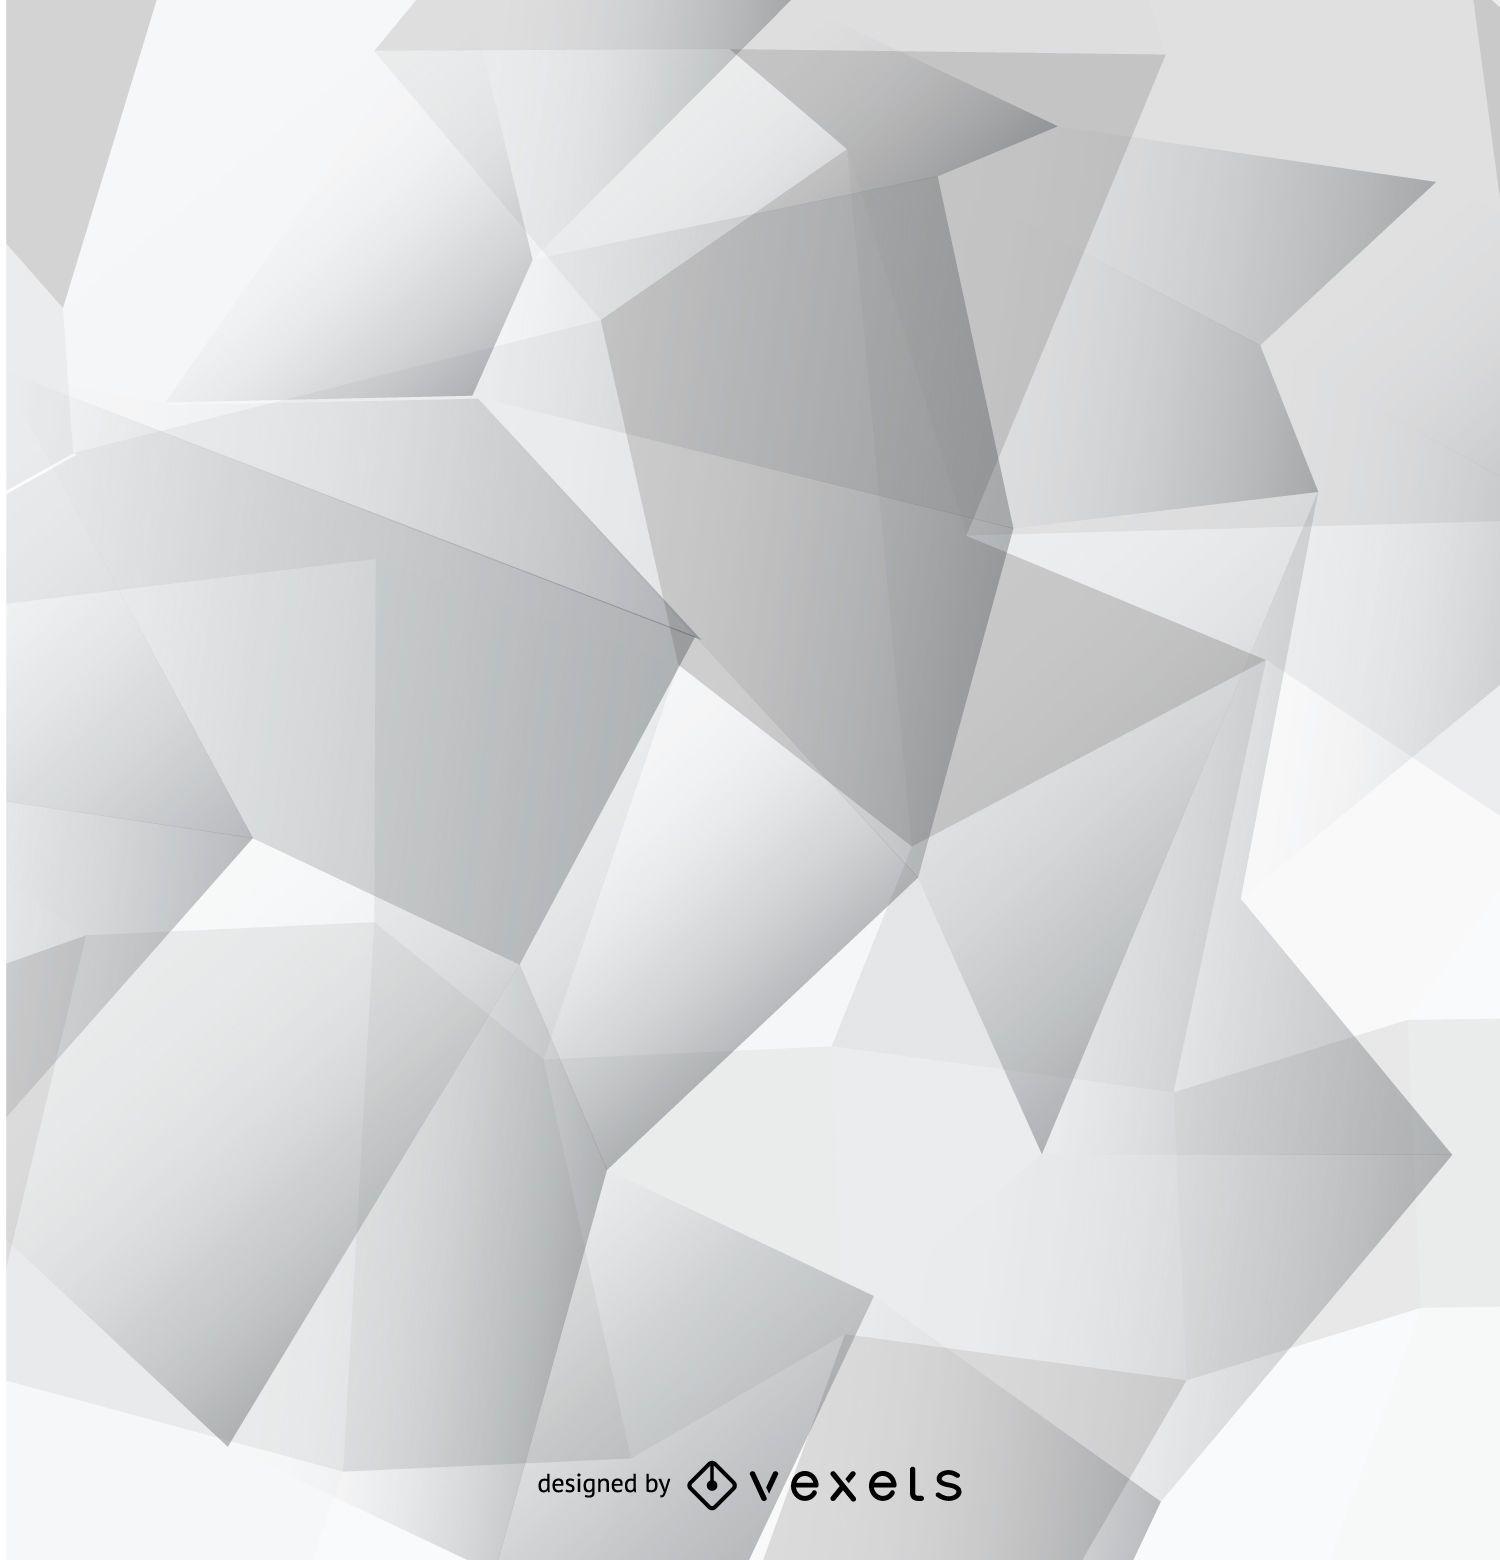 Fondo de pantalla poligonal gris abstracto descargar vector for Fondo de pantalla gris